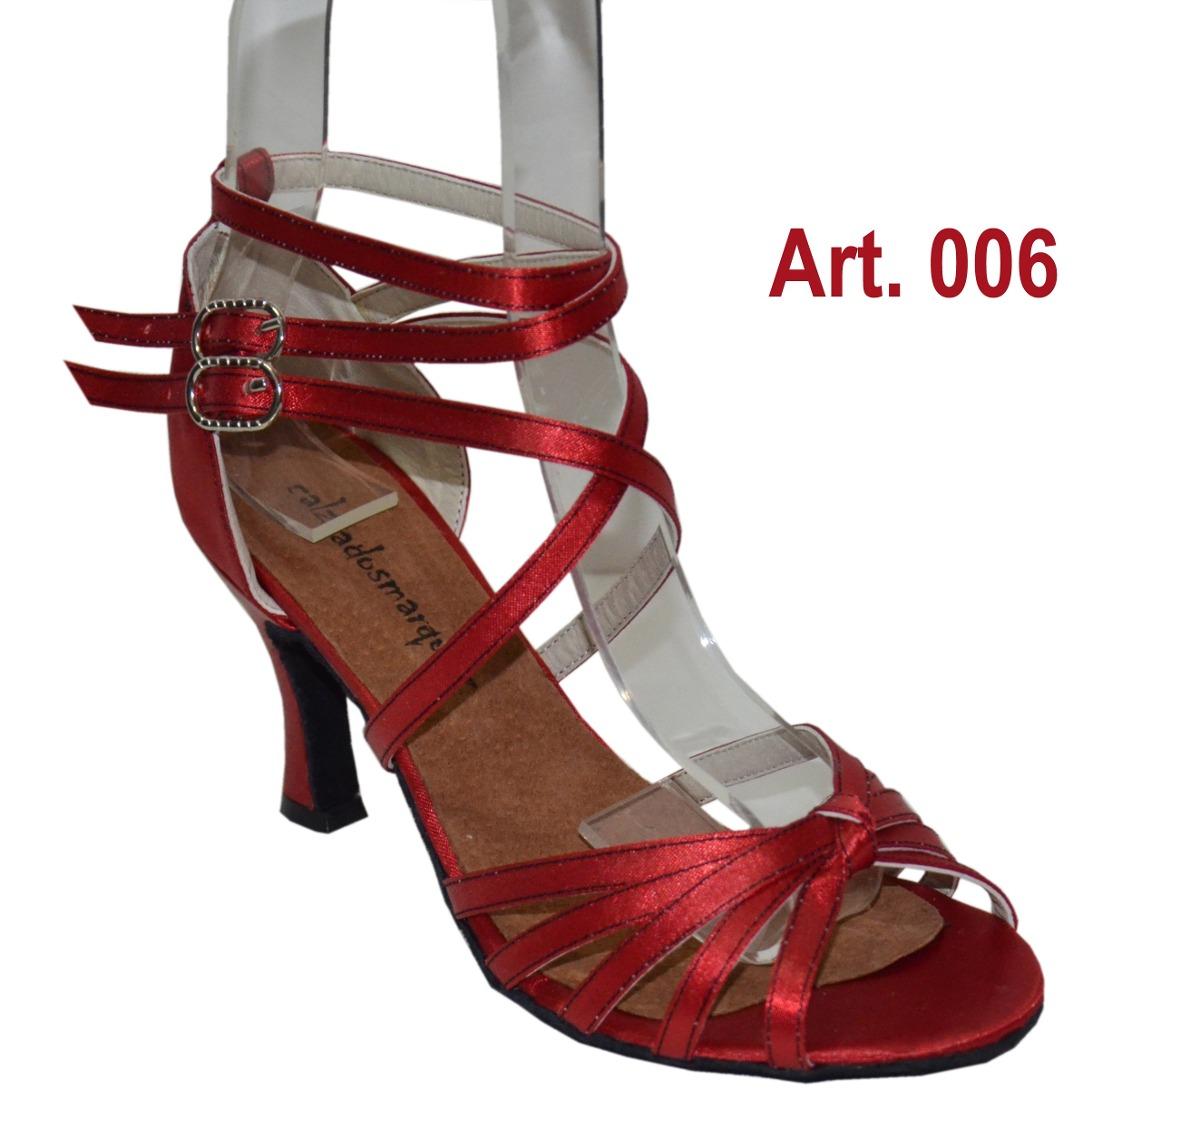 a536ec13ace zapatos-de -baile-salsa-mujer-bachata-danza-latina-ballroom-D NQ NP 794421-MLA20779434899 062016-F.jpg